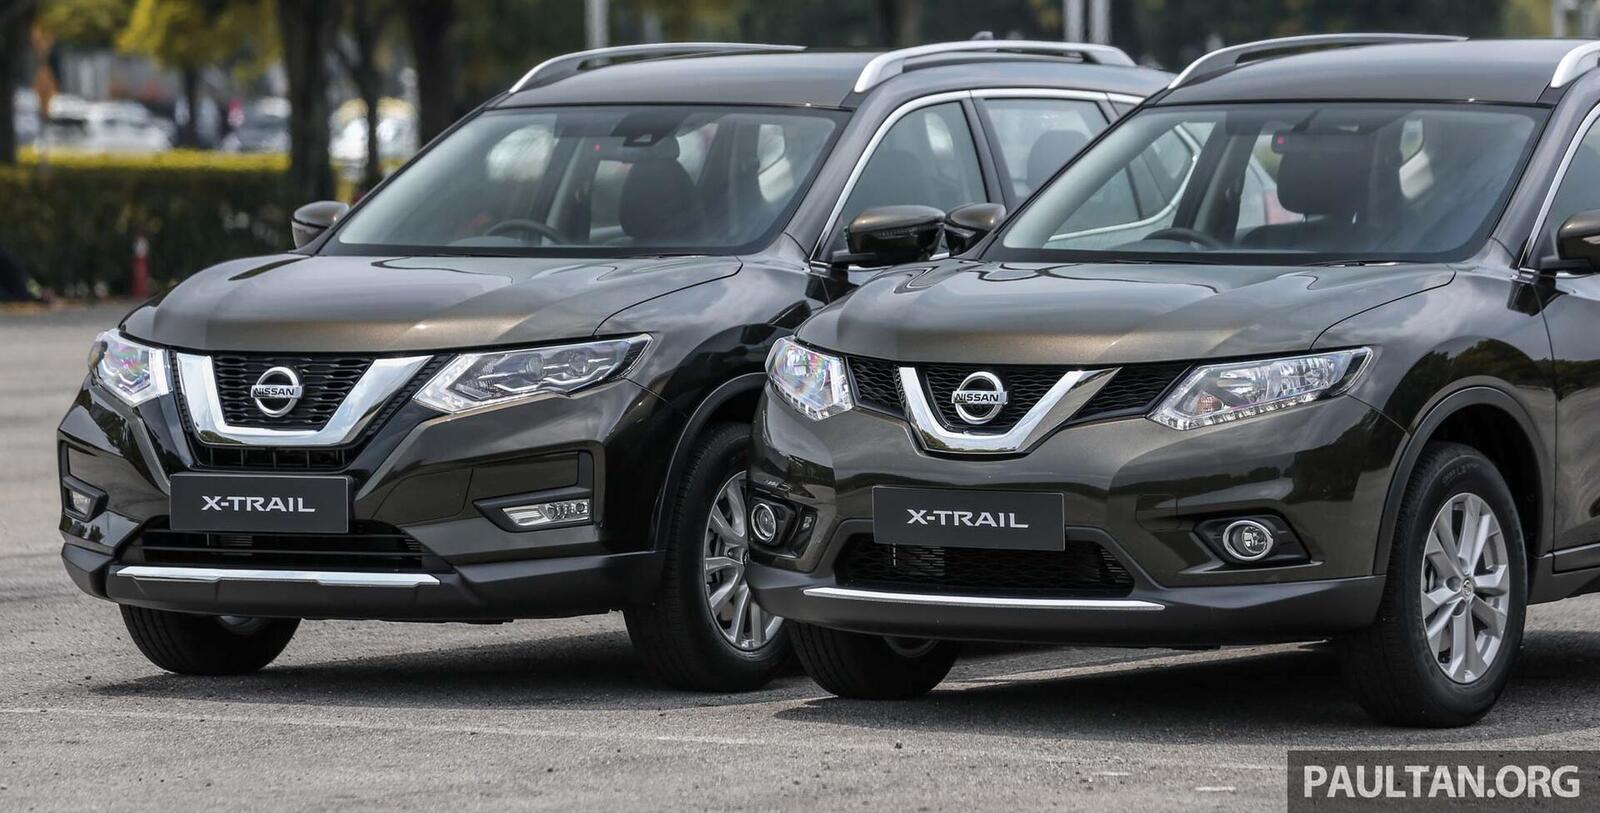 Sự khác biệt giữa Nissan X-Trail phiên bản nâng cấp facelift mới và cũ - Hình 6